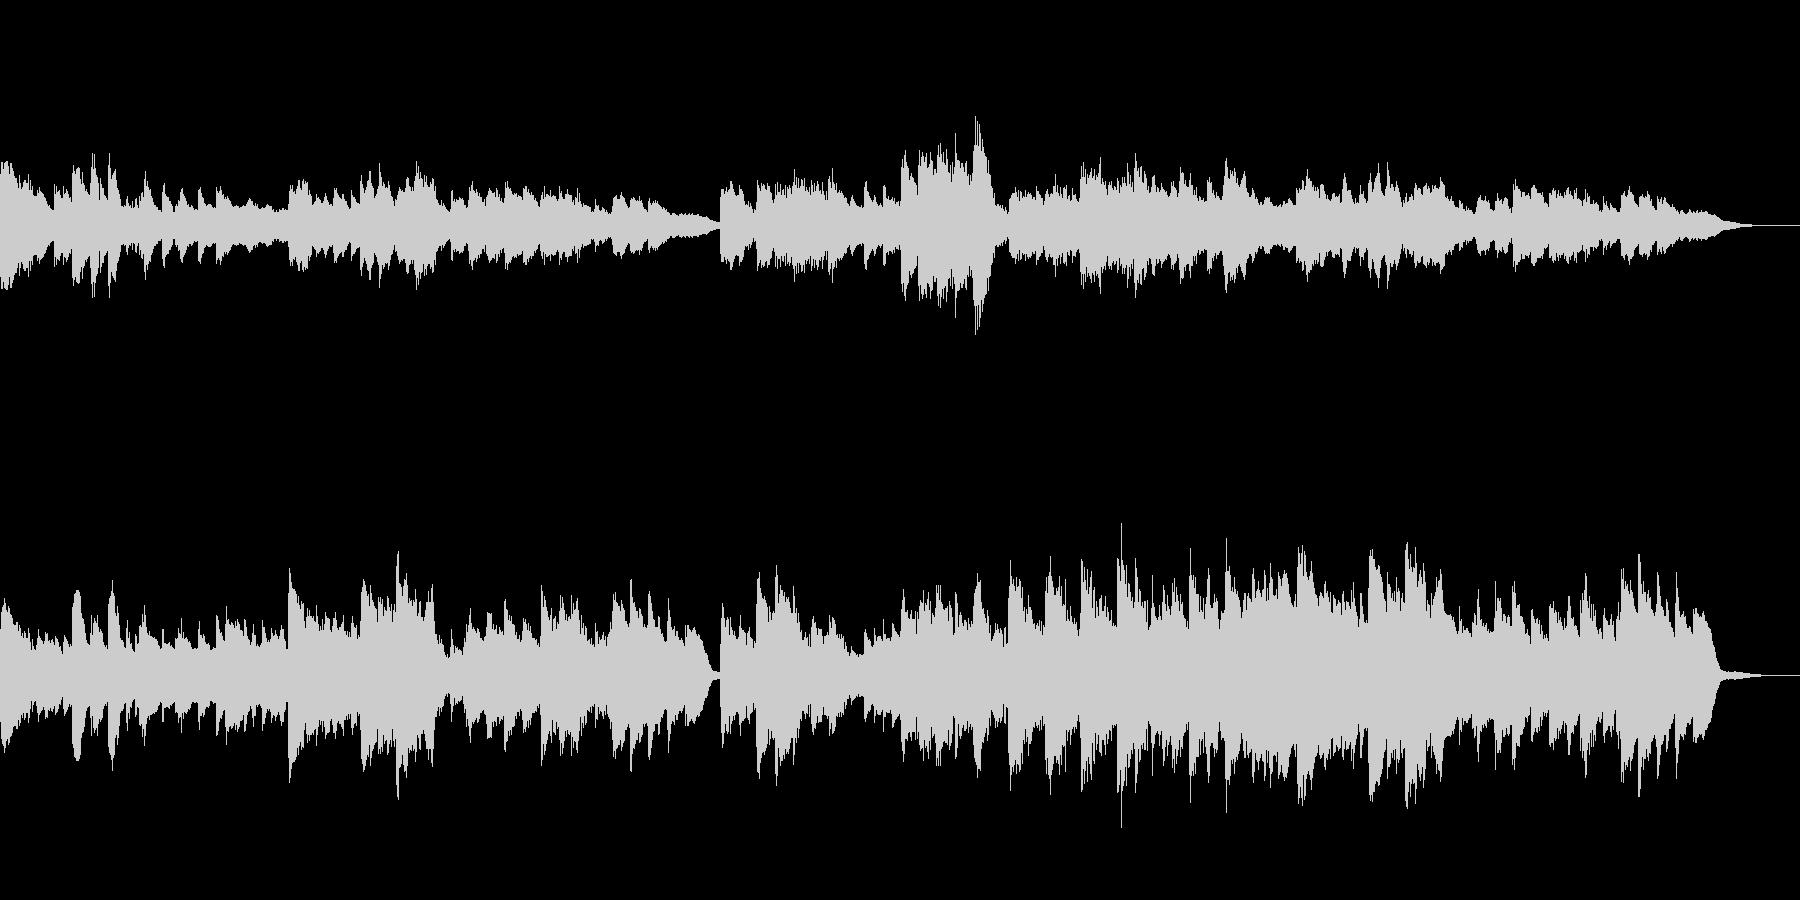 古いピアノ録音音源風BGMの未再生の波形